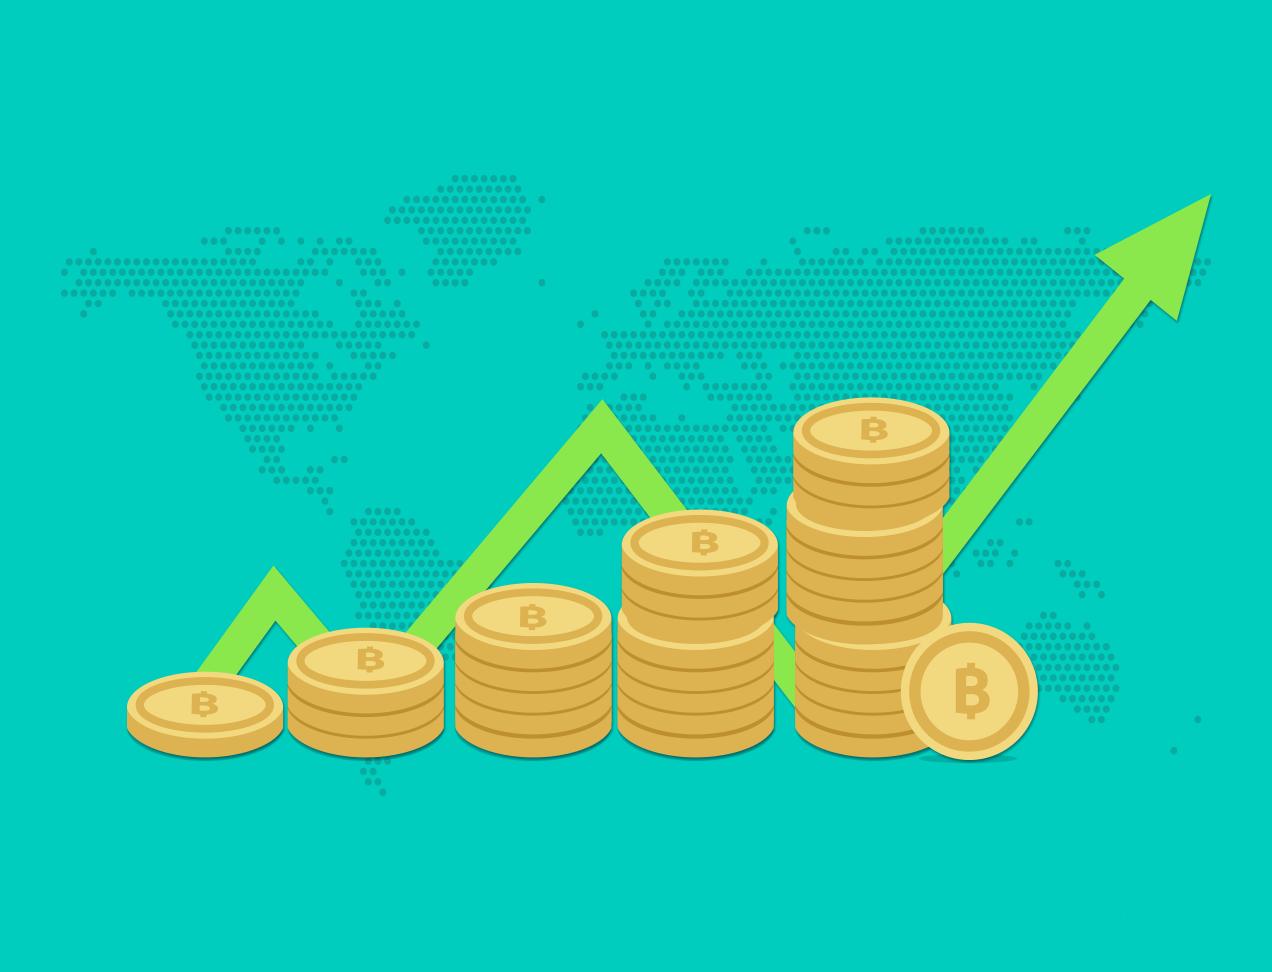 Bitcoin invest club login : C20 coin hitbtc job